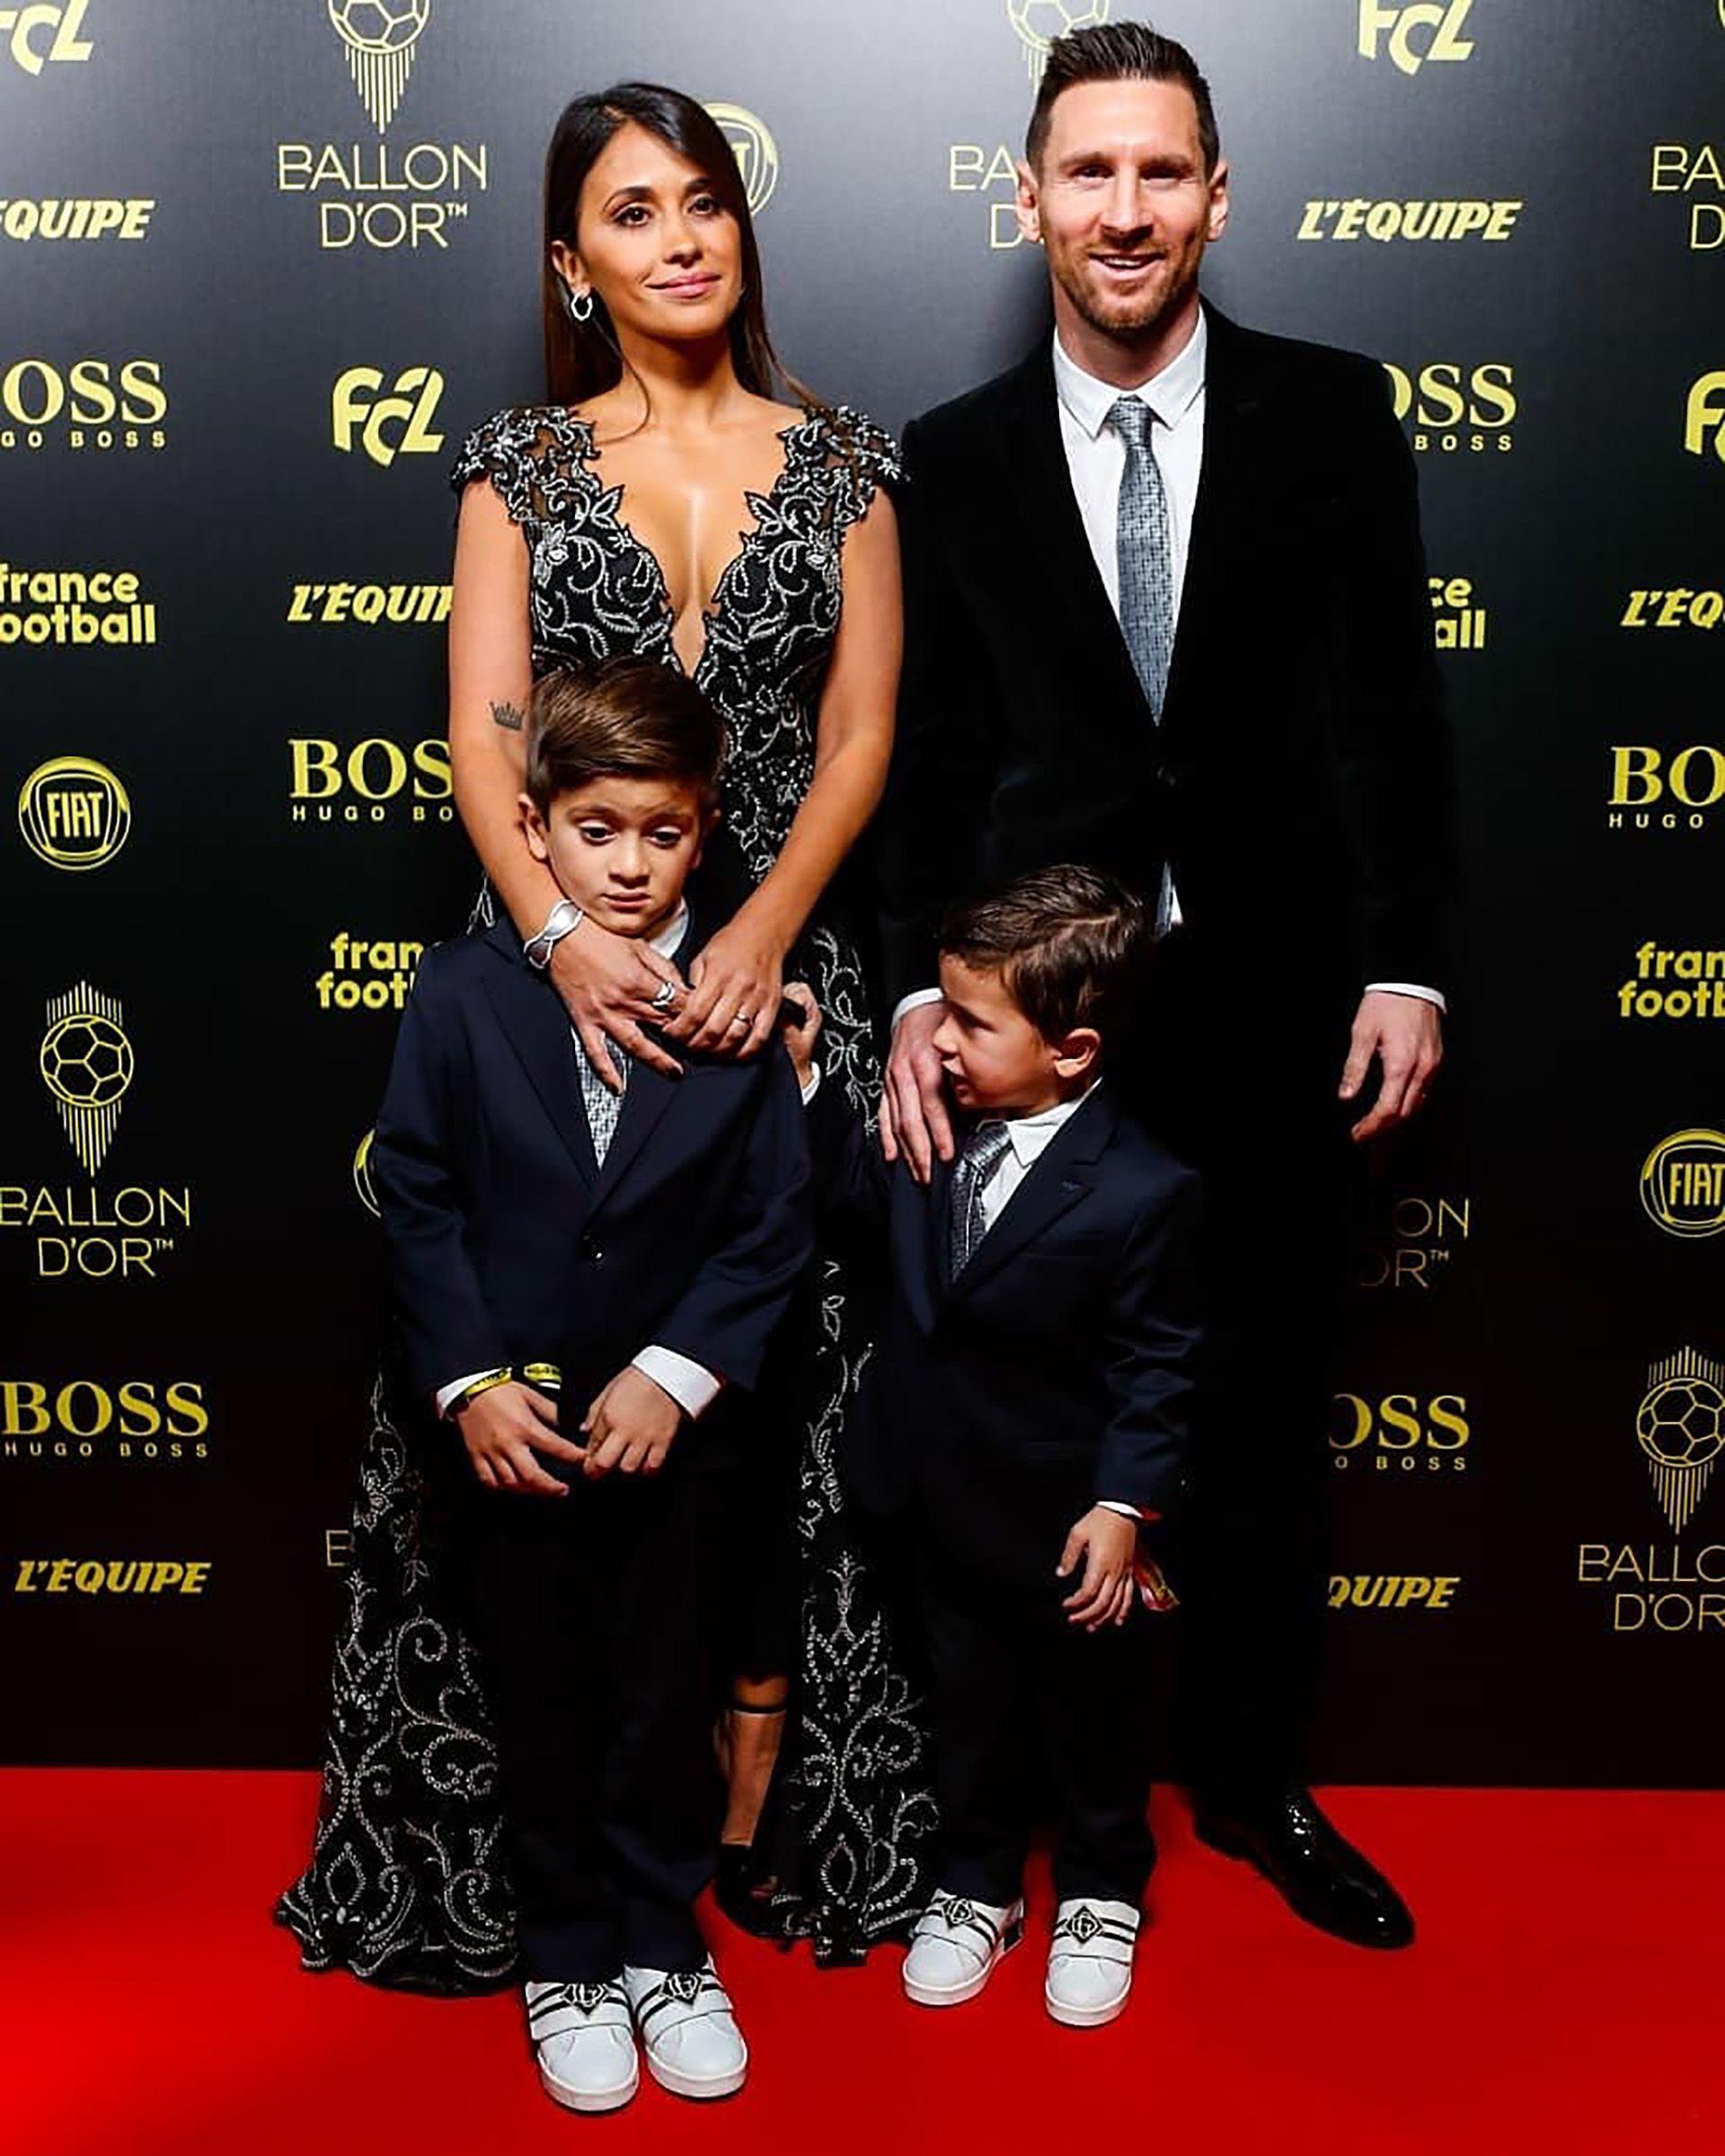 El segundo hijo de Leo y Antonela Roccuzzo molestando a su hermano en la alfombra roja (@FCBarcelona_es)